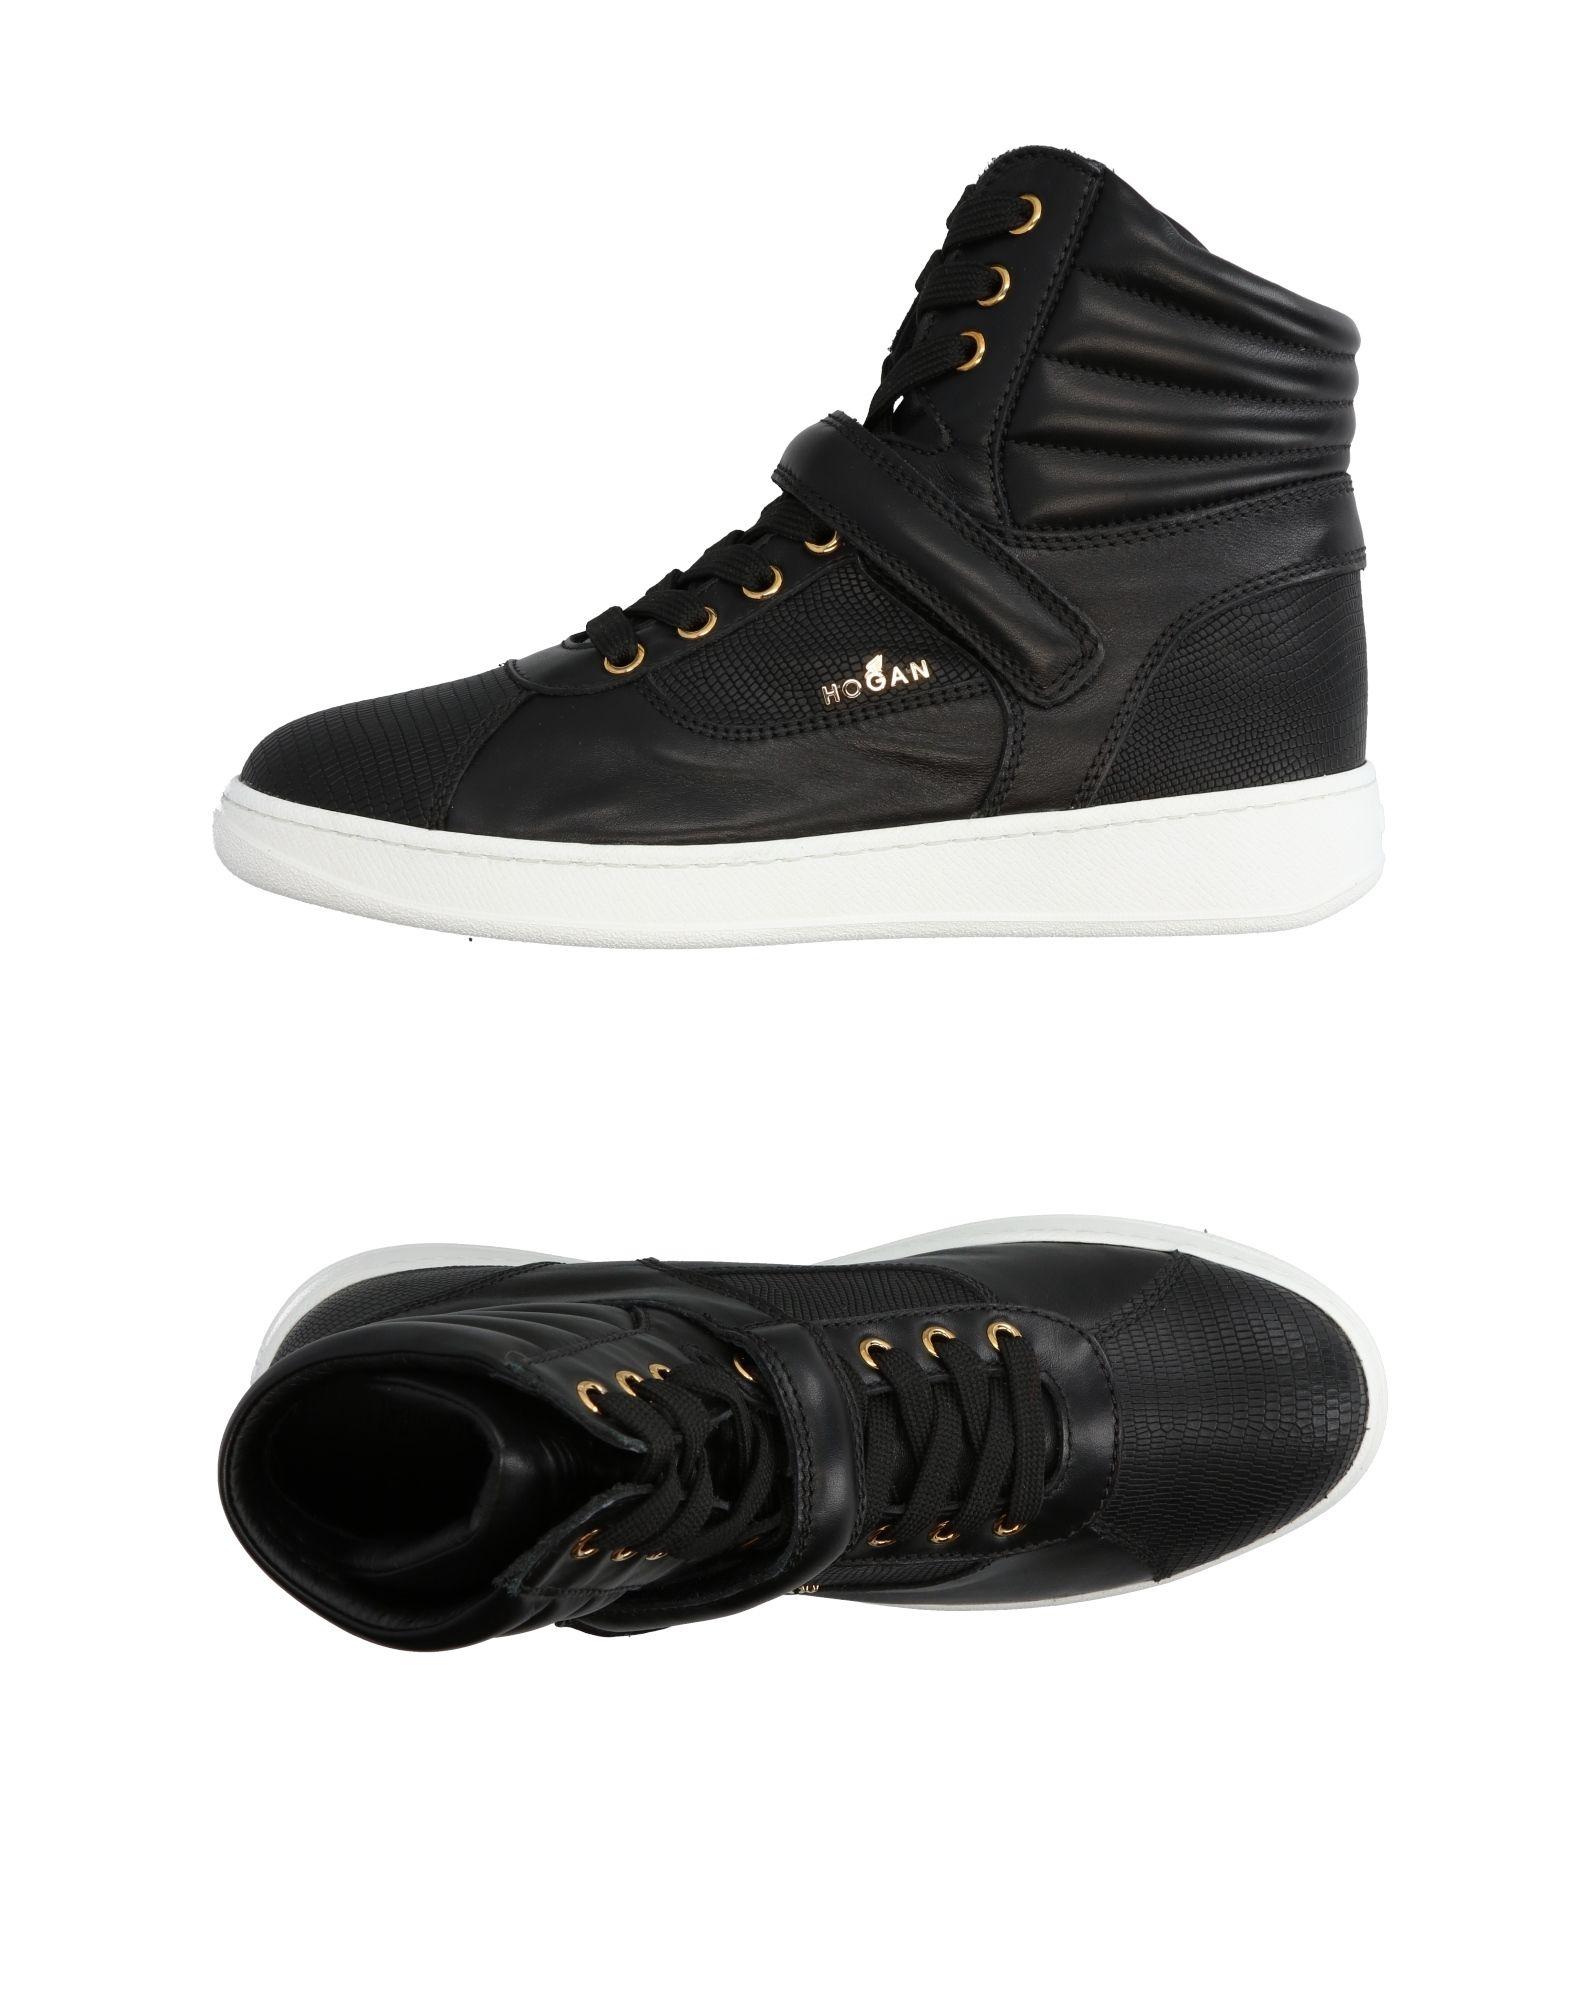 Hogan Sneakers Damen  11285516CRGut aussehende strapazierfähige Schuhe